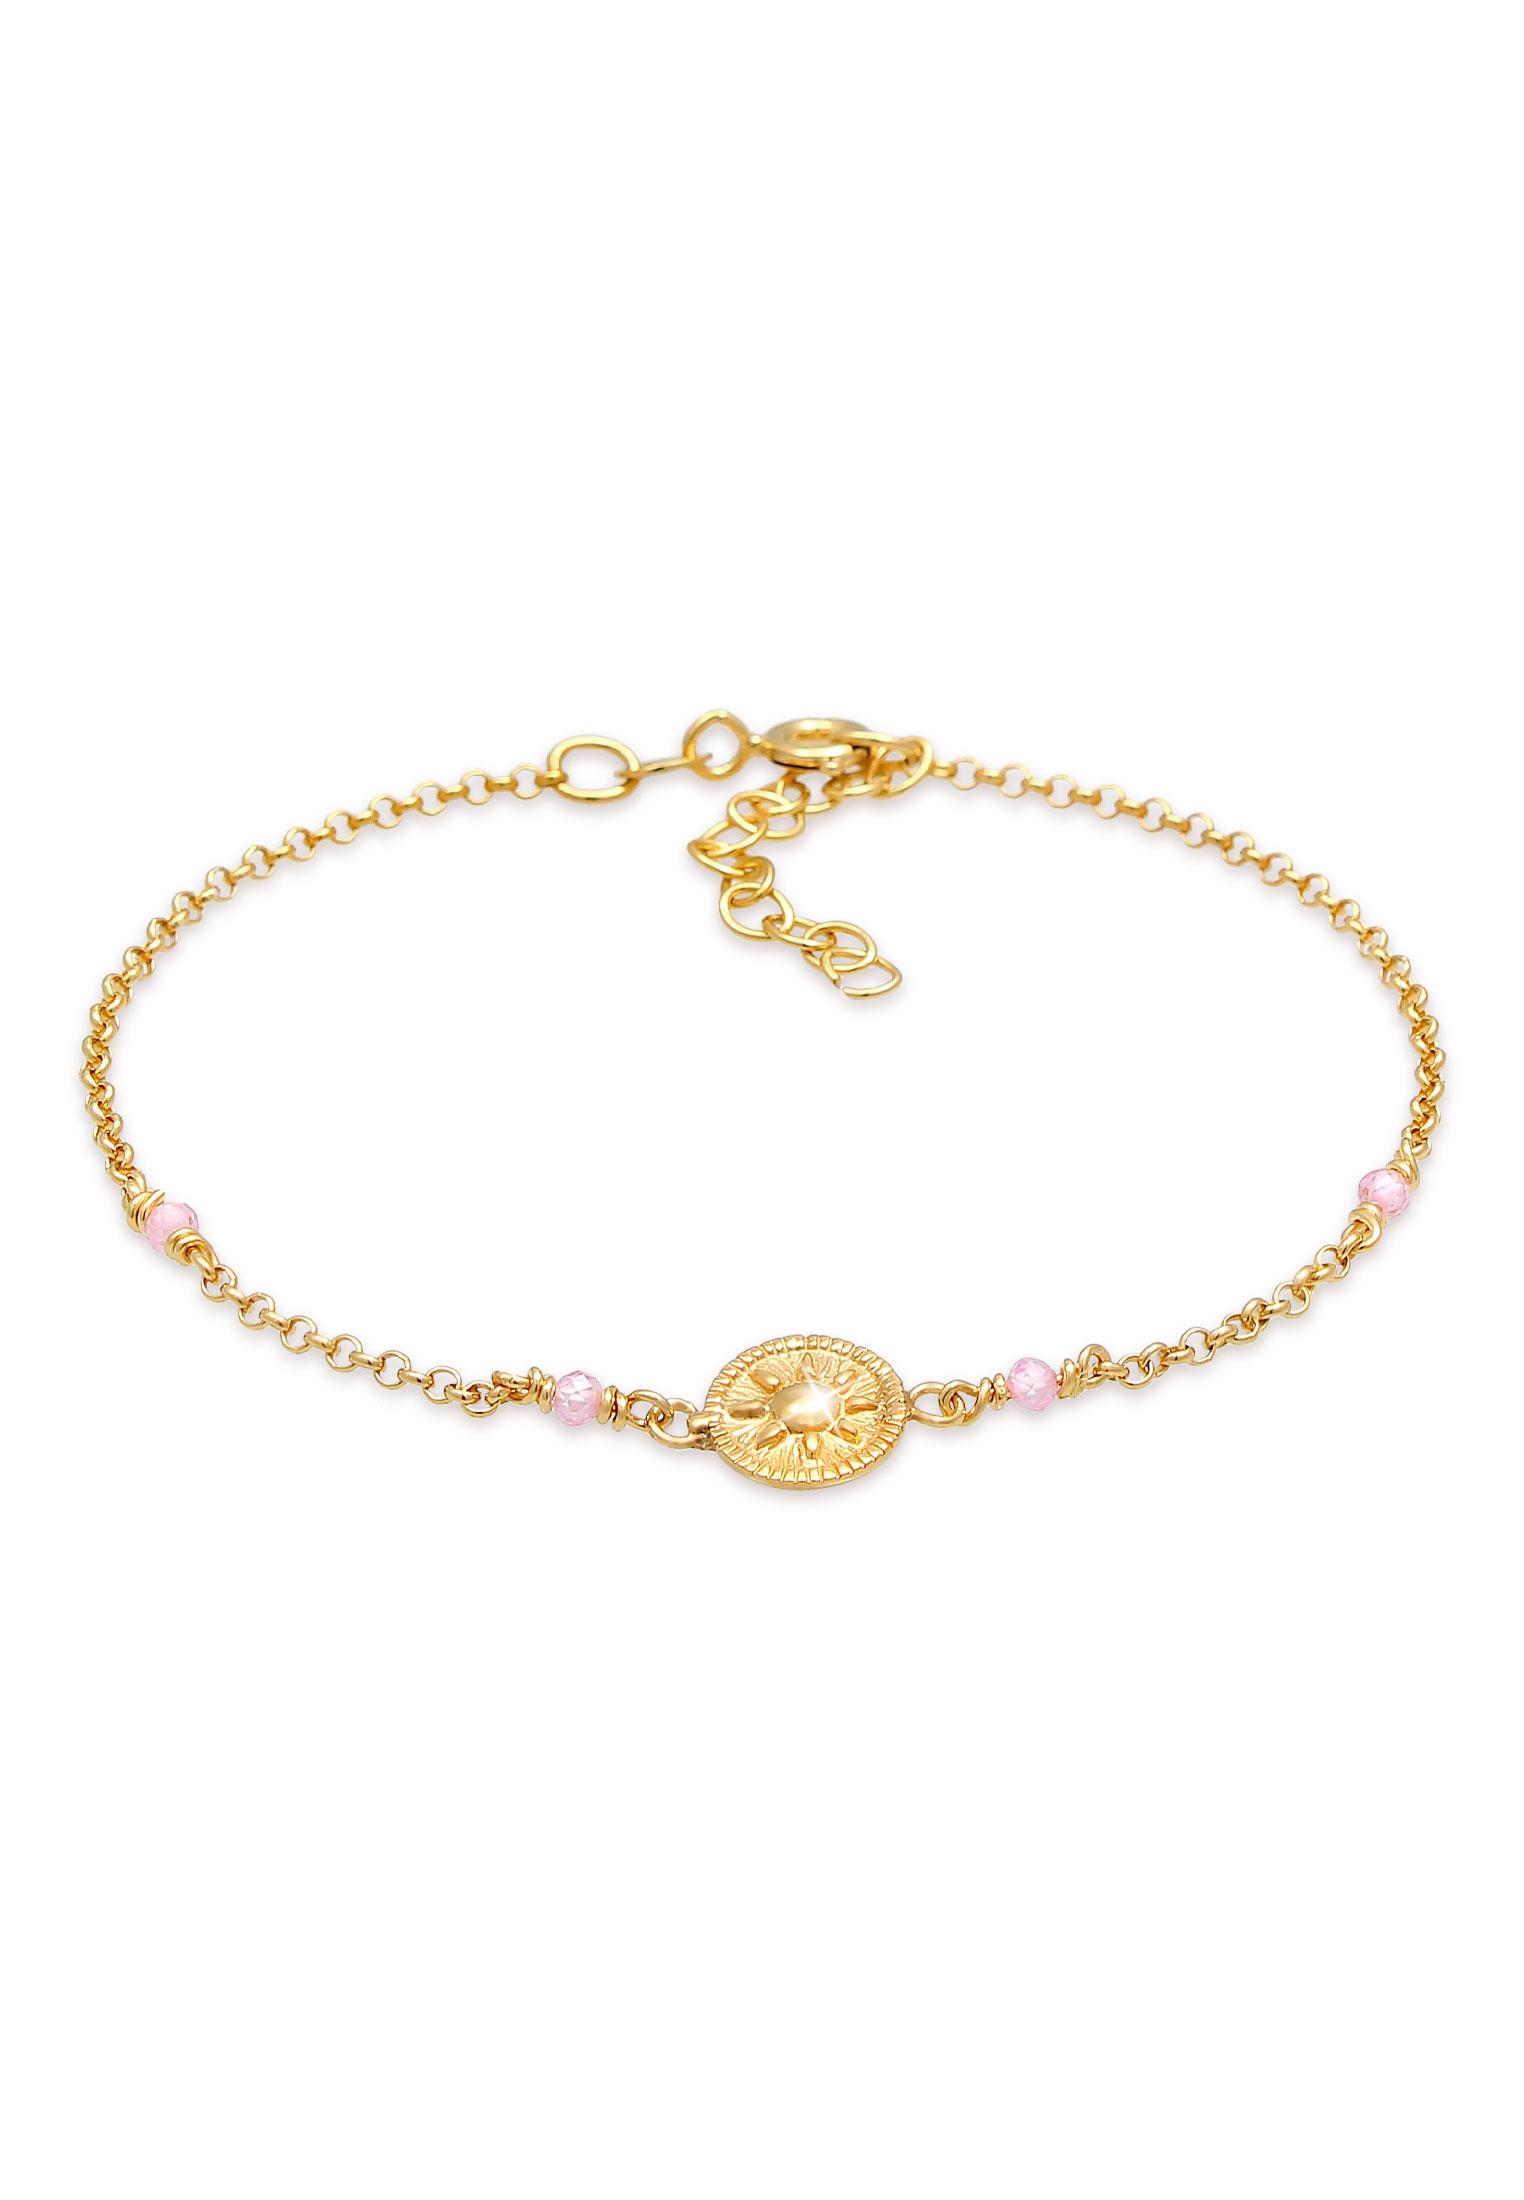 Armband   Quarz ( Rosa )   925 Sterling Silber vergoldet